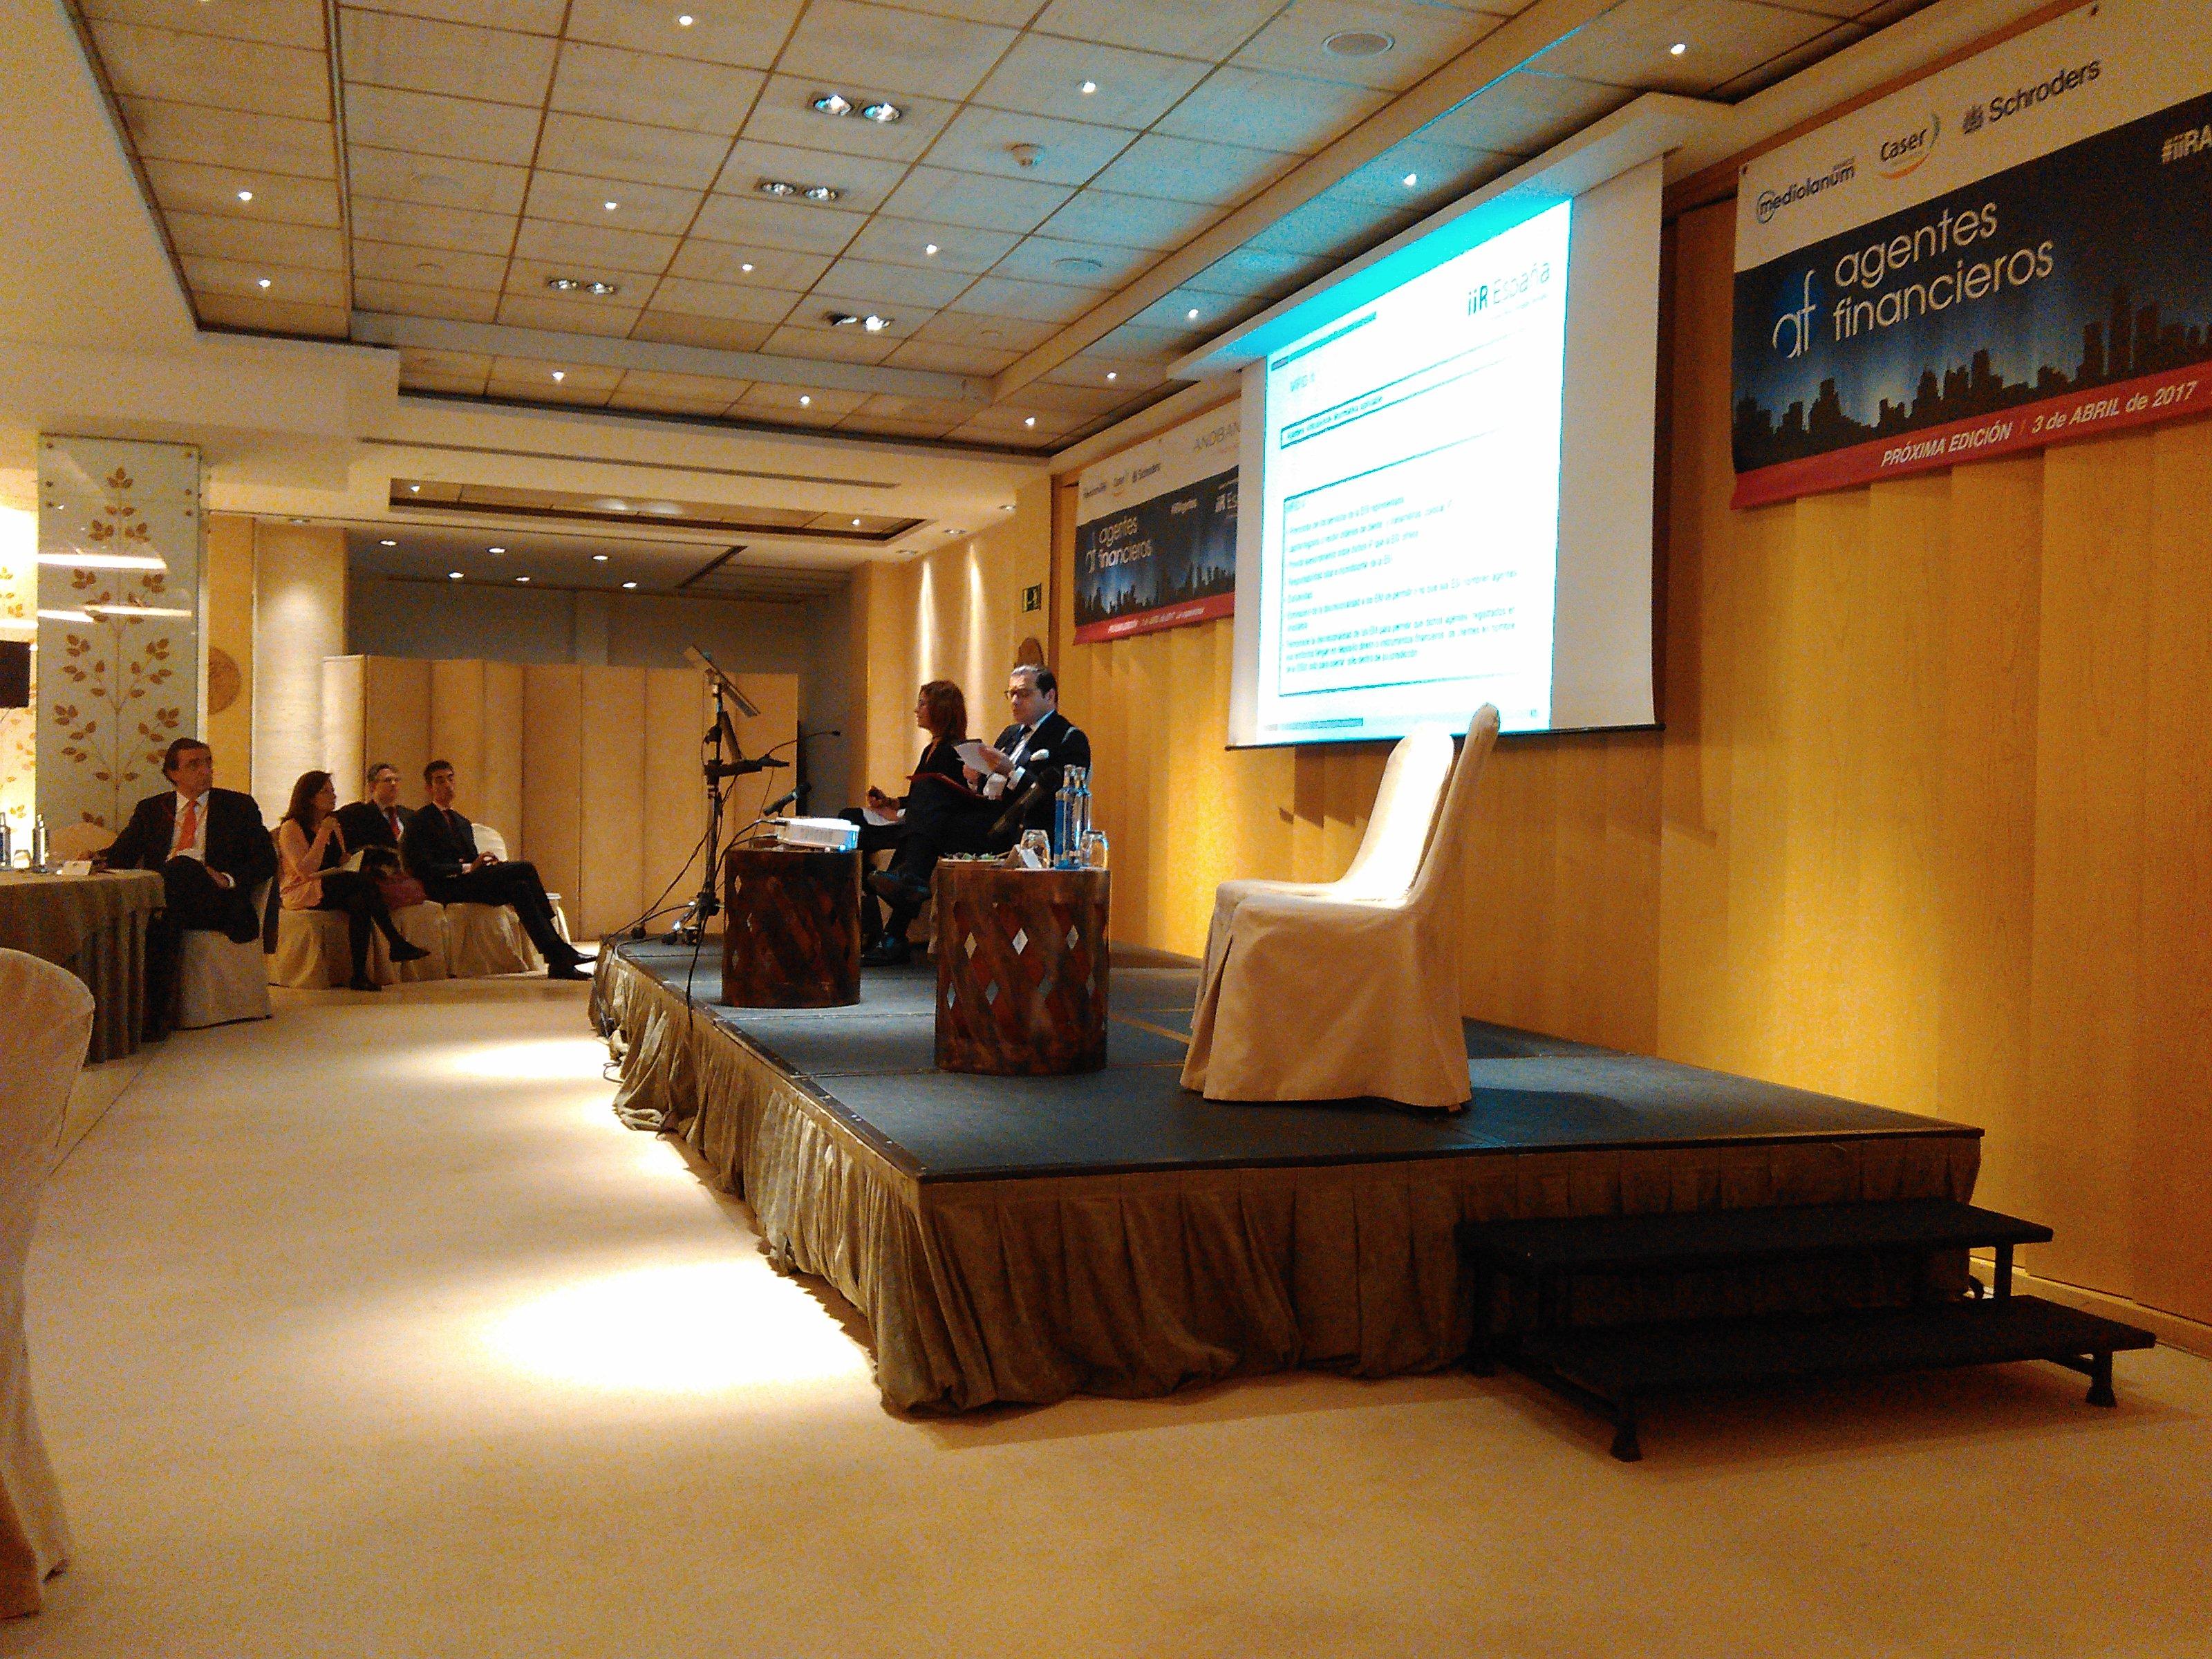 Encuentro con agentes financieros iiR España